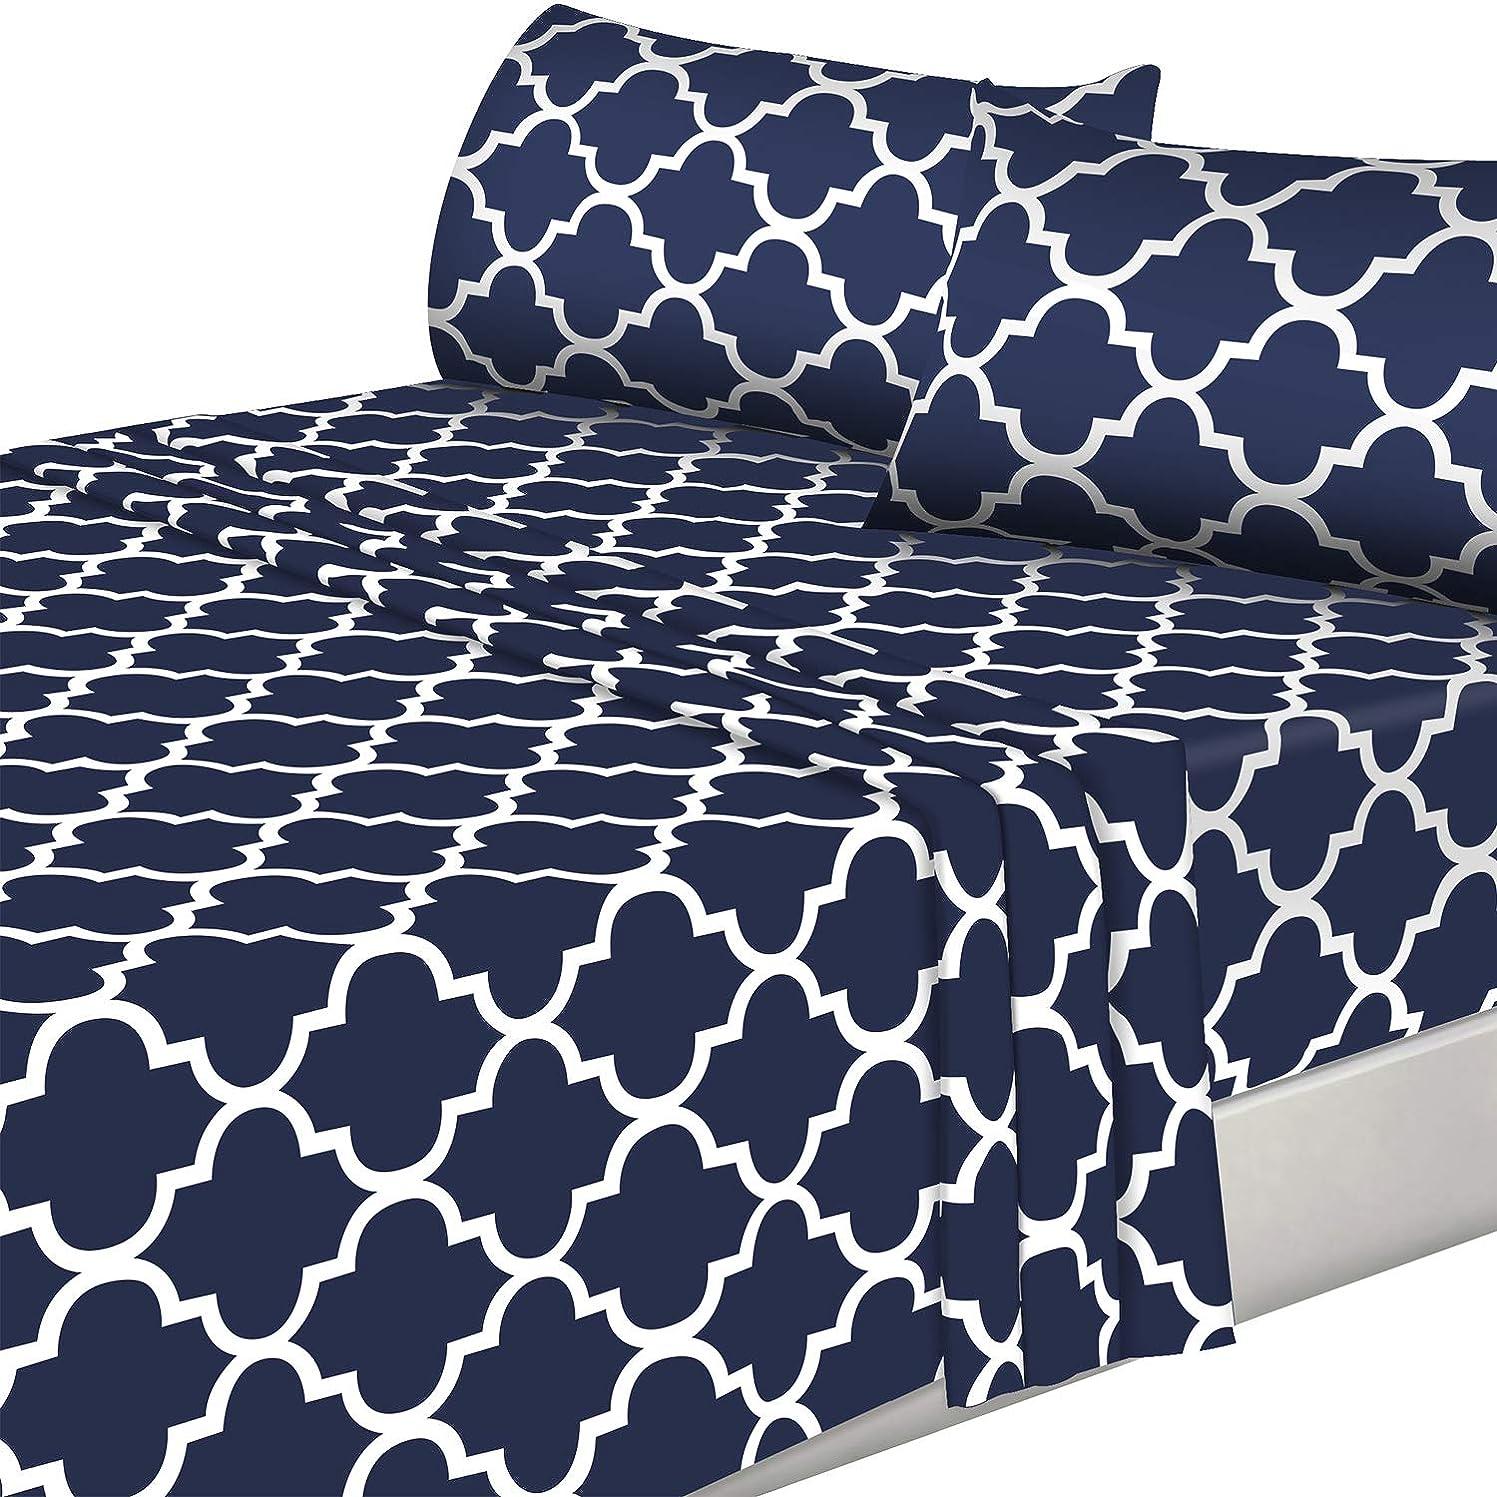 摂動チャットケーキ(Queen, Navy) - 4 Piece Bed Sheets Set (Queen, Blue) Flat Sheet + Fitted Sheet + 2 Pillow Cases, Hotel Quality Brushed Velvety Microfiber, Wrinkle, Fade & Stain Resistant - Luxurious, Comfortable, Breathable, Soft & Extremely Durable - By Utopia Bedding